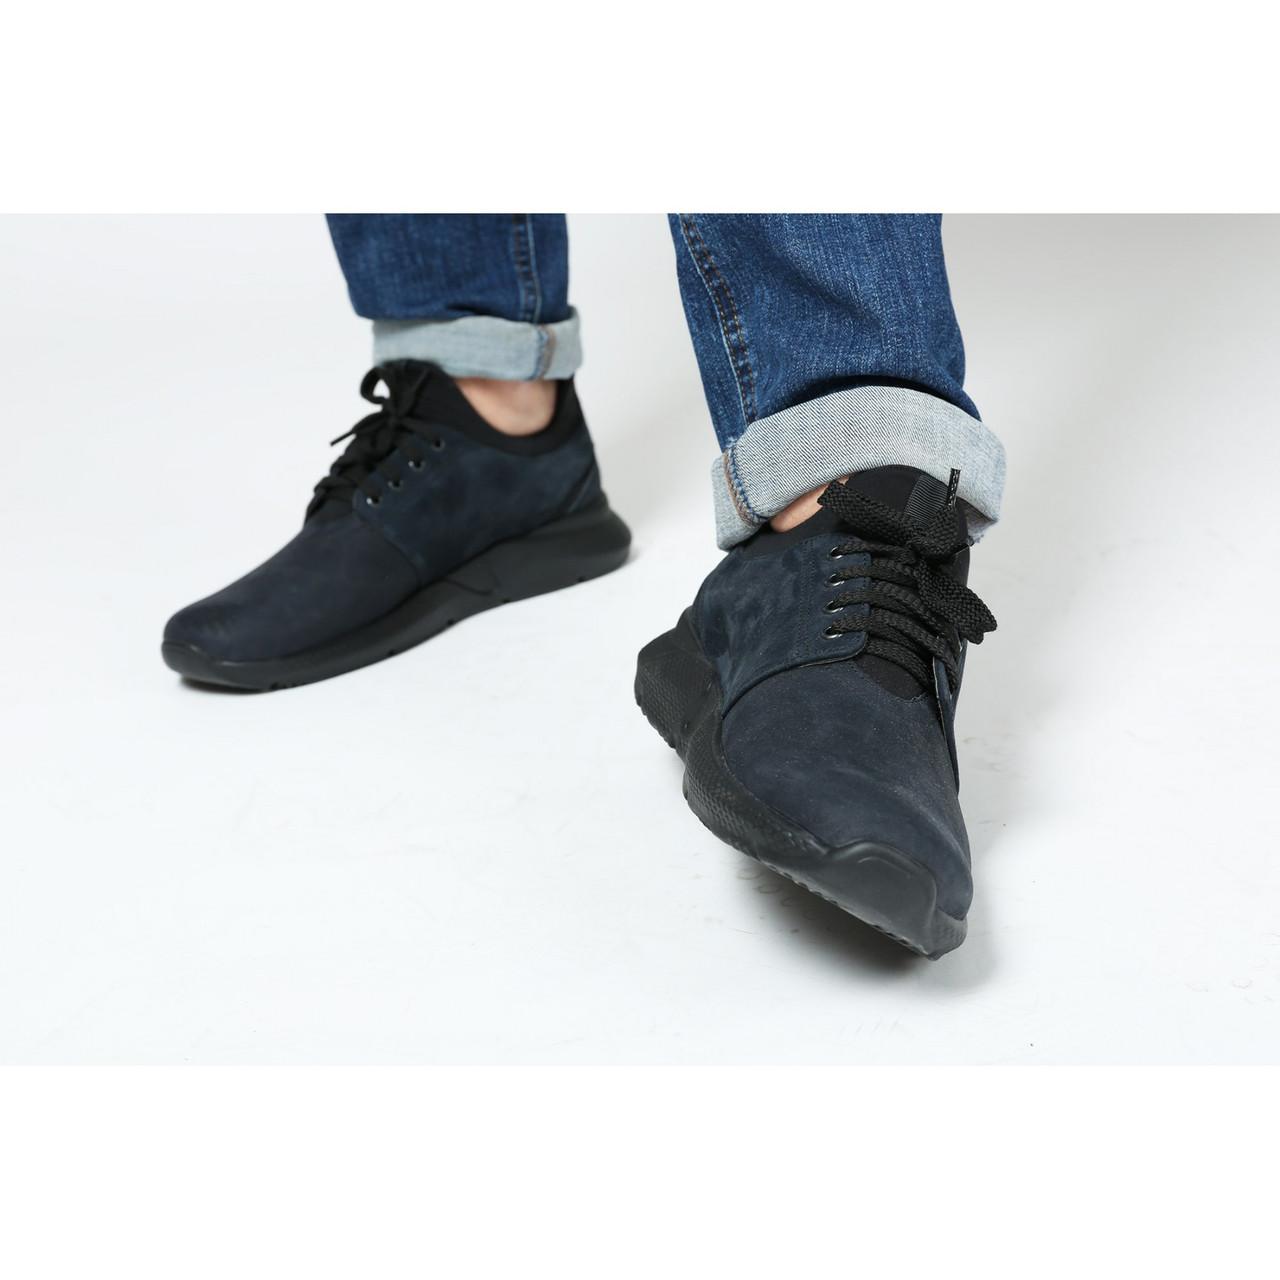 Мужские кроссовки темно-синего цвета из натурального замша